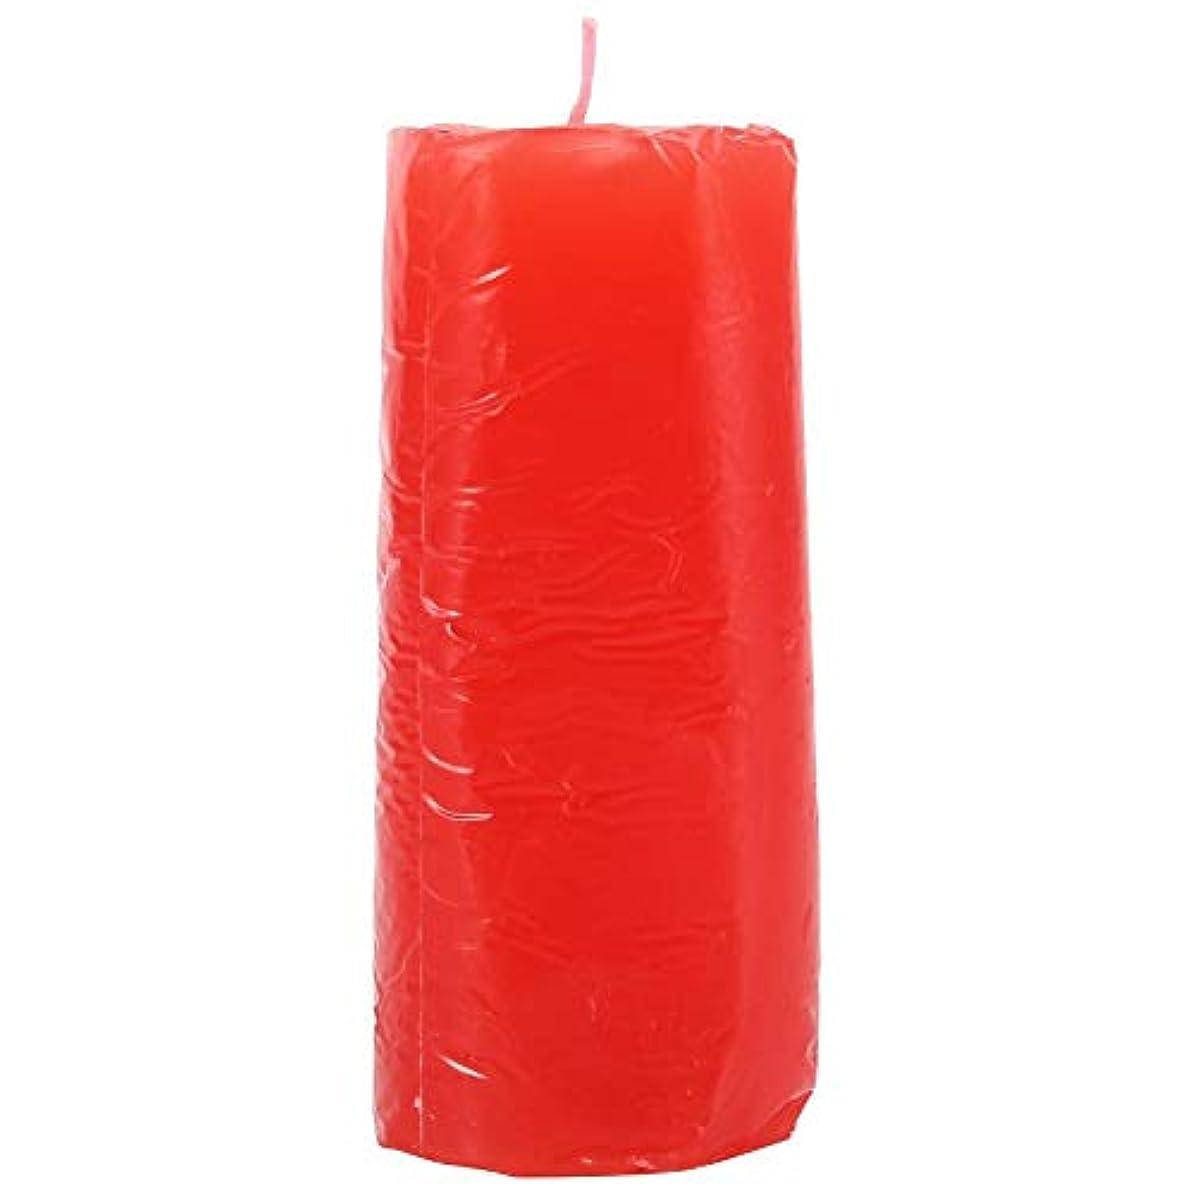 兄弟愛トランク狼マッサージキャンドル アロマキャンドル いちゃつくキャンドル 大人おもちゃ SMゲームおもちゃ ボディーマッサージ 追加性欲 蝋燭 48-50度温度 天然香り ワックスオイル